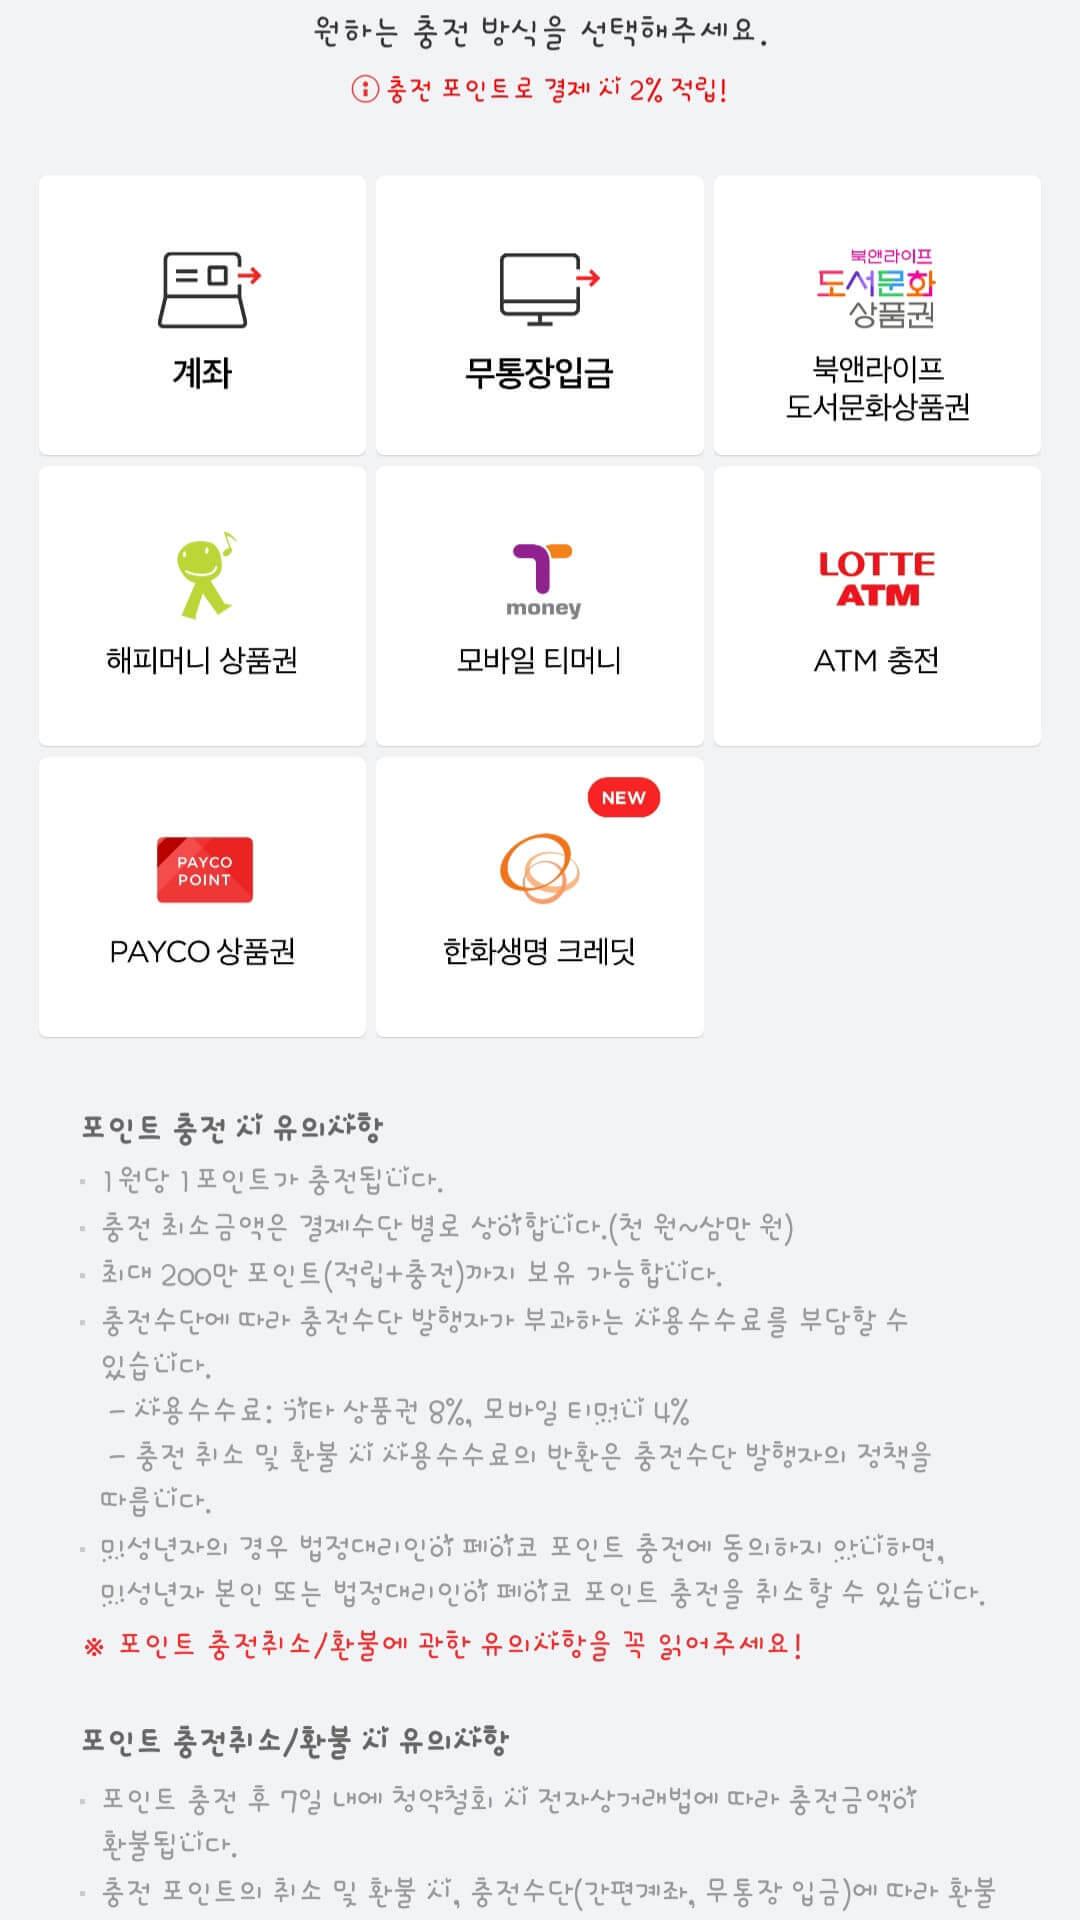 페이코 소액대출 신청